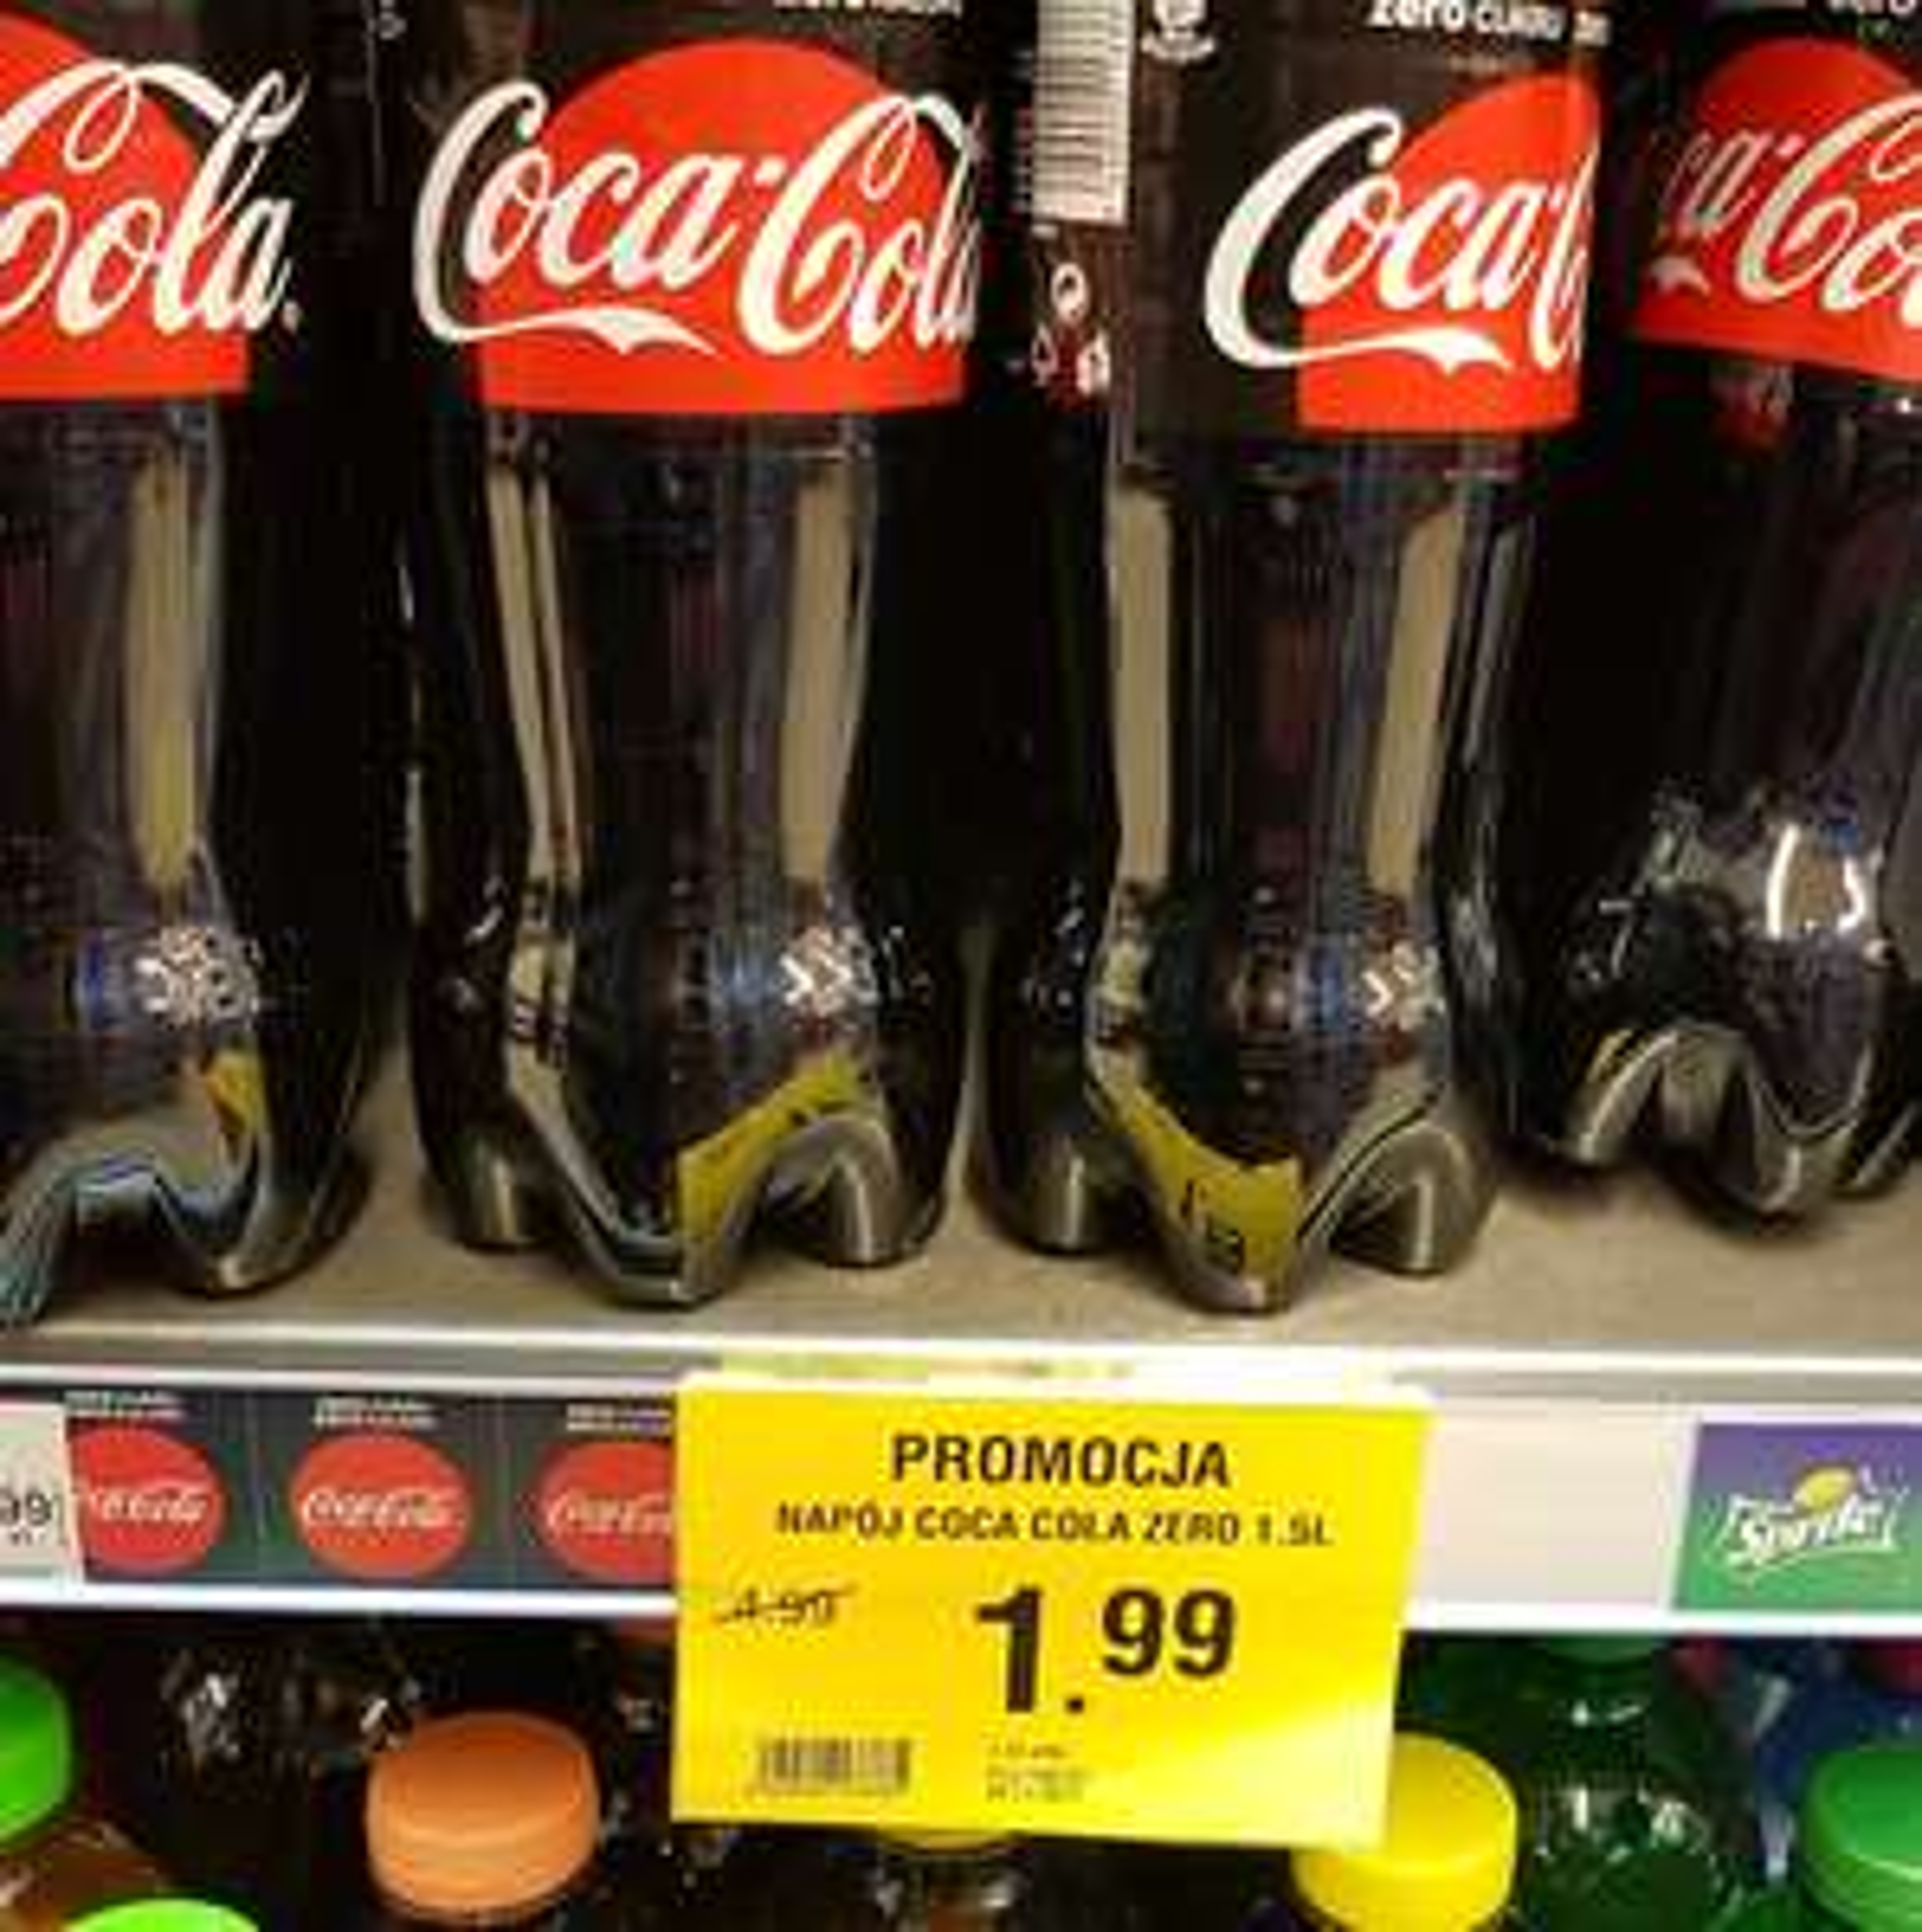 Coca-Cola Zero 1.5l za 1.99 zł